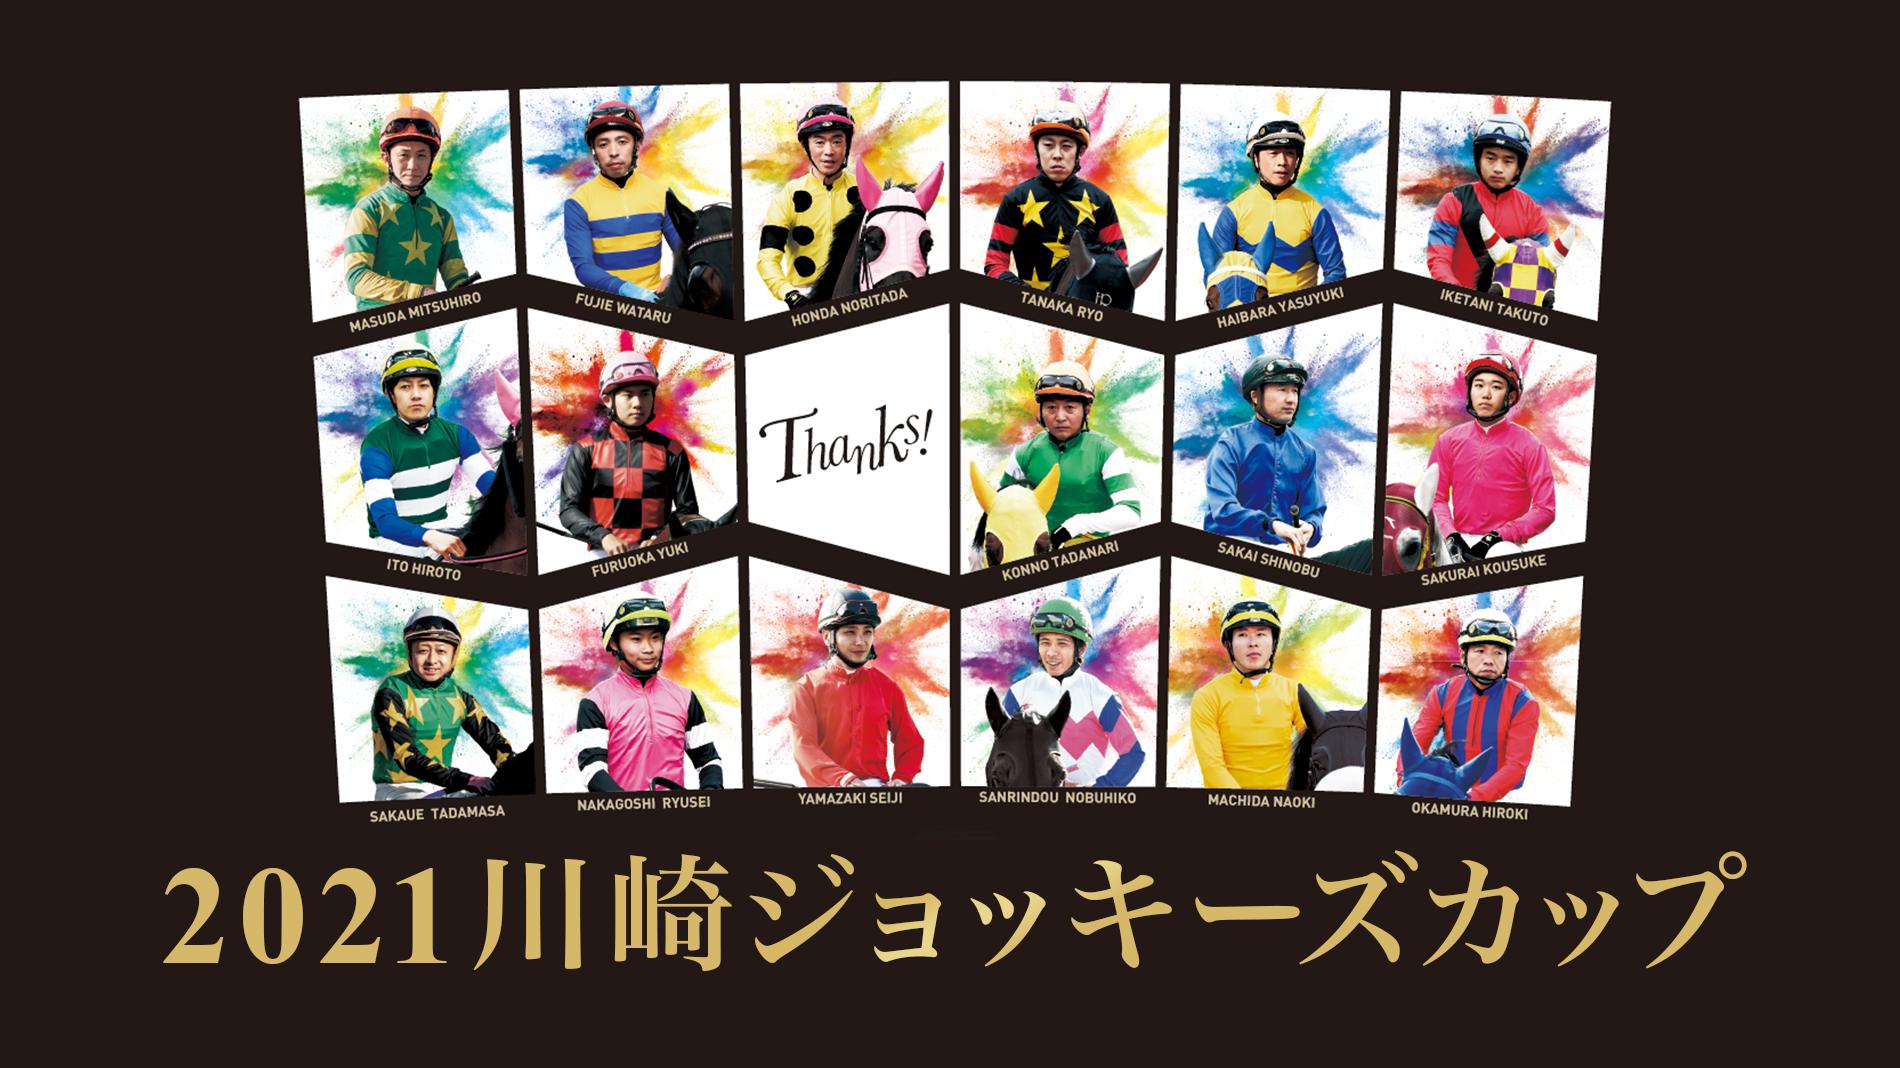 2021川崎ジョッキーズカップシリーズ